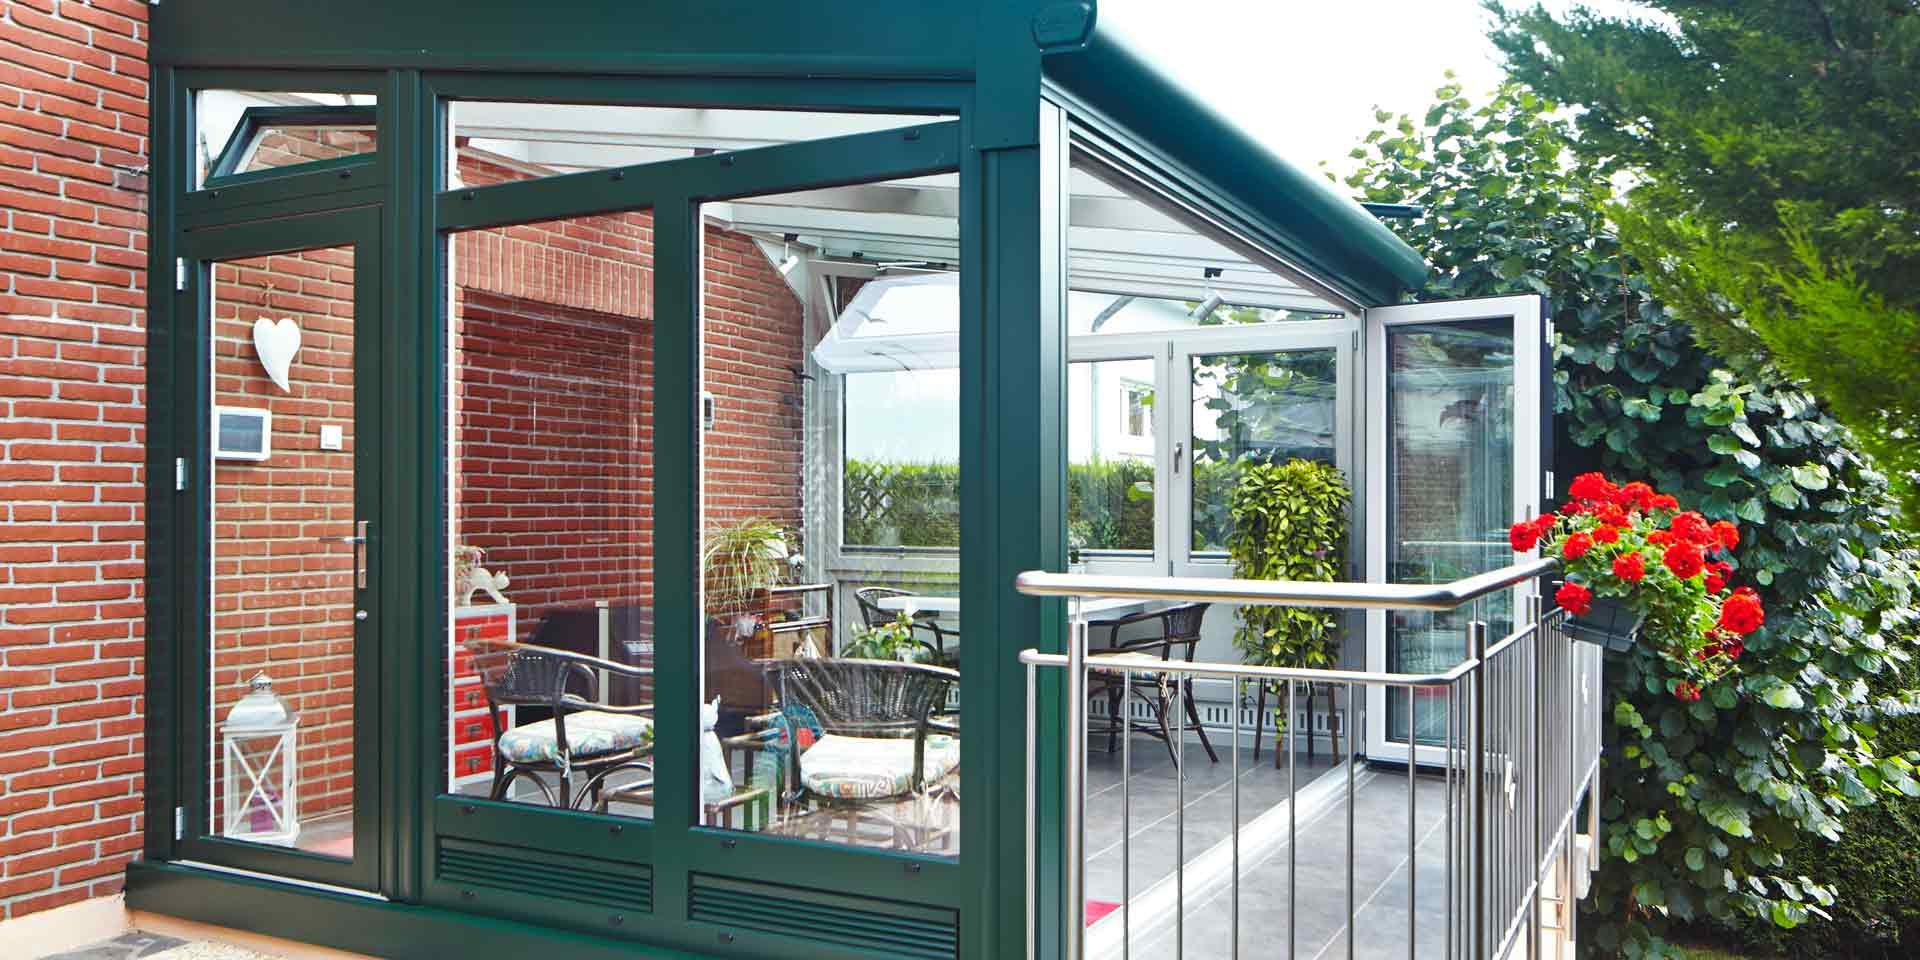 Einfamilienhaus mit Steinfassade mit Nahaufnahme der Rückseite mit Blick auf ein grüner Coplaning Alu Veranda Wintergarten mit weißer geöffneten Faltanlage und Kippfenster.